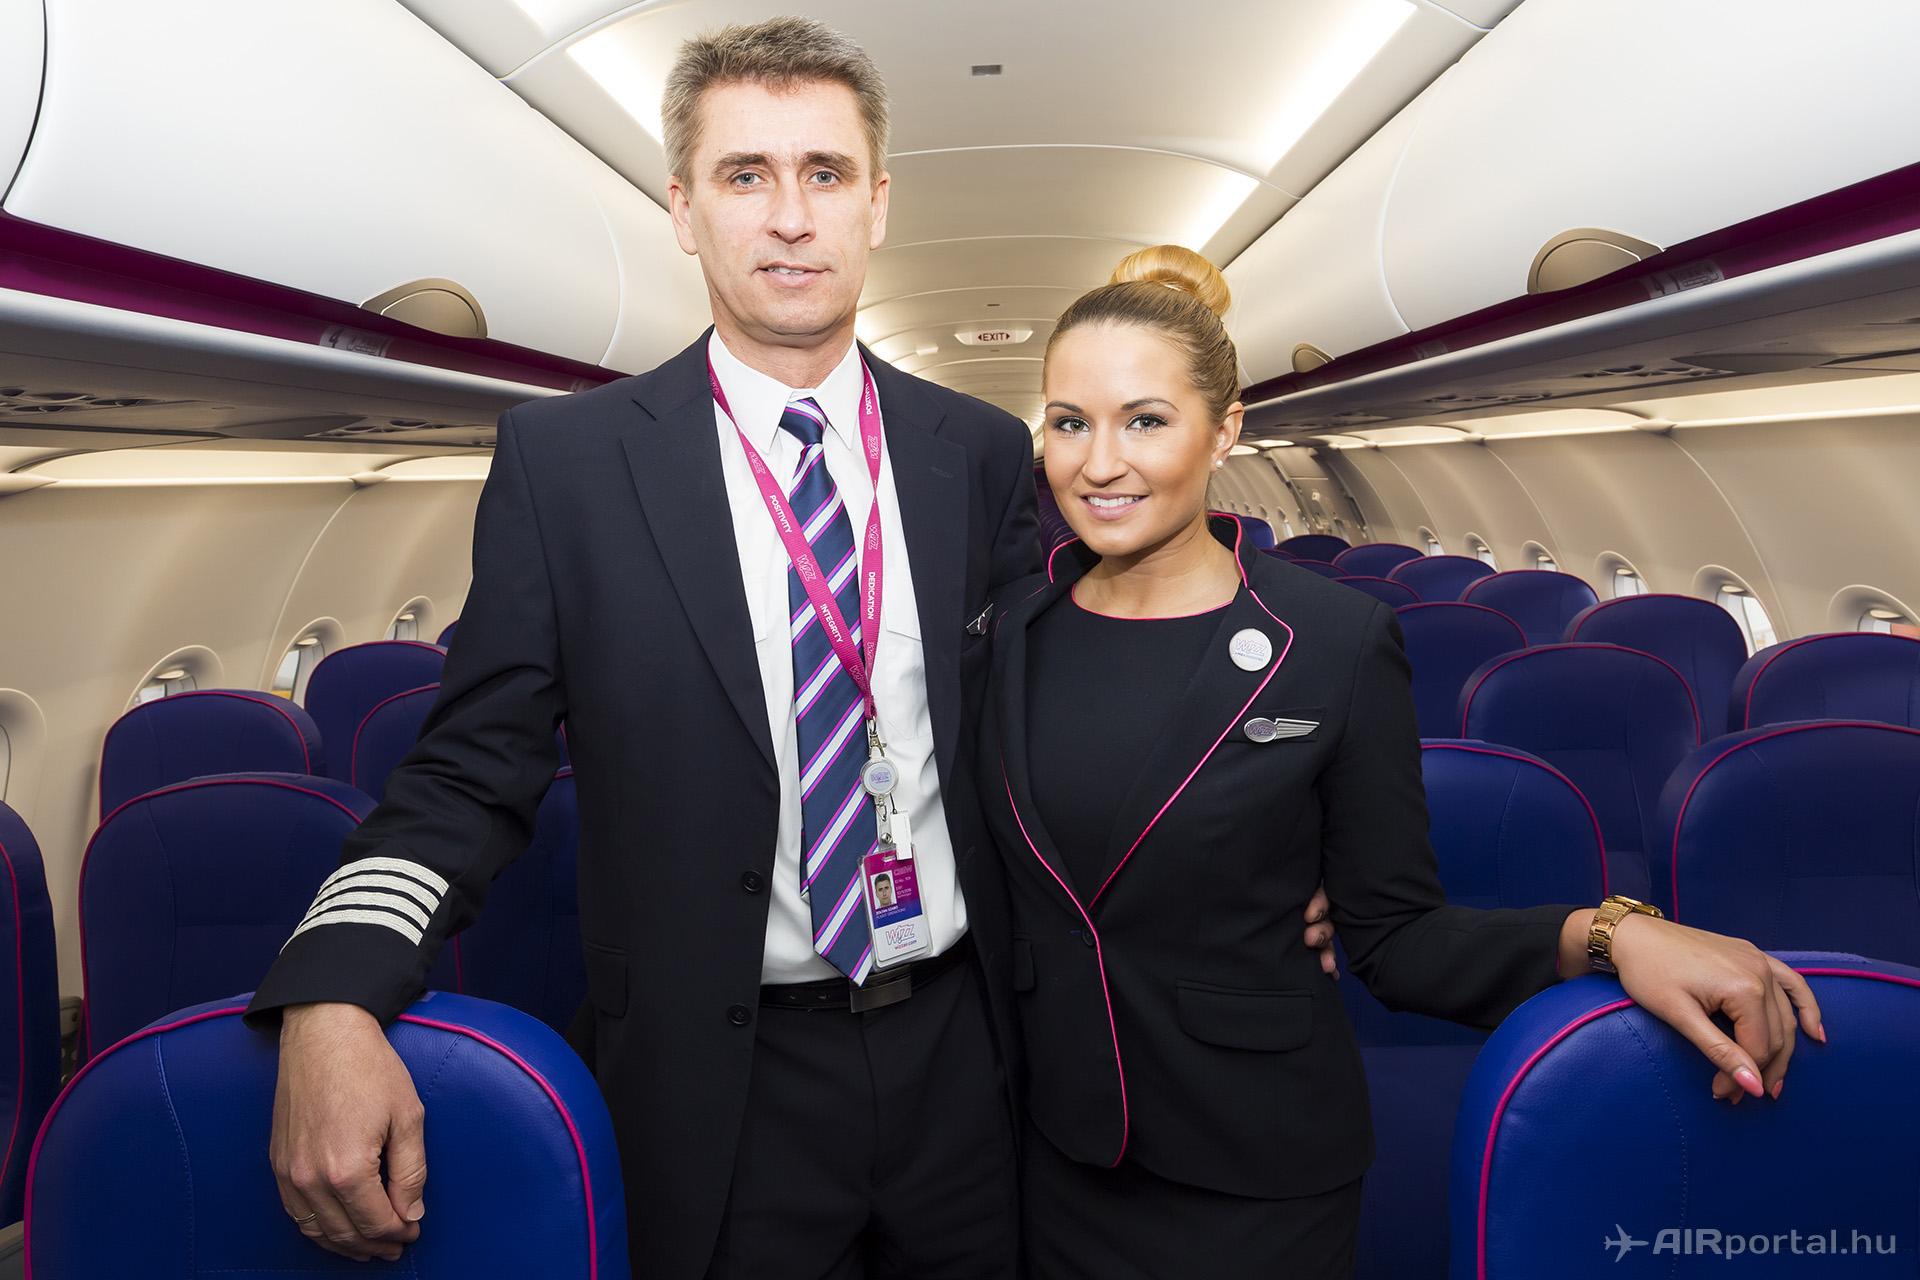 Jól képzett pilóták, csinos légiutaskísérők és egyre több vadonatúj A321-es várja az utasokat. (Fotók: AIRportal.hu) | © AIRportal.hu